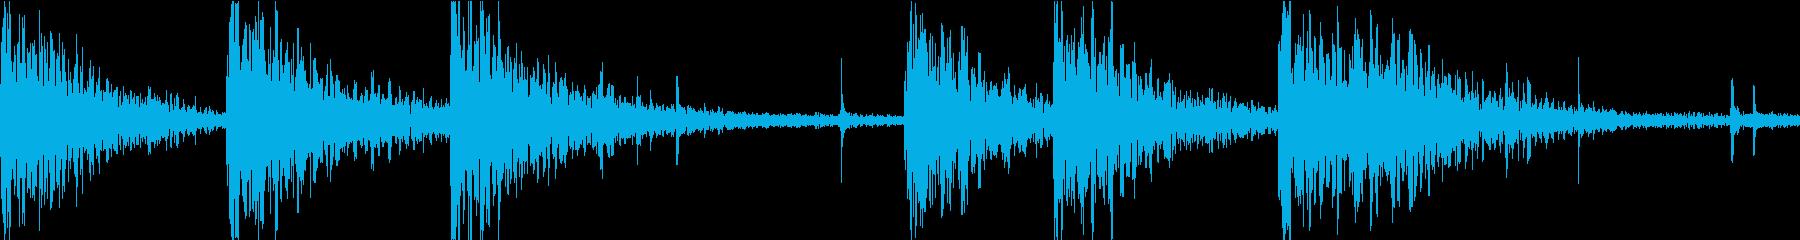 シンプルな和太鼓の盆踊りのループの再生済みの波形